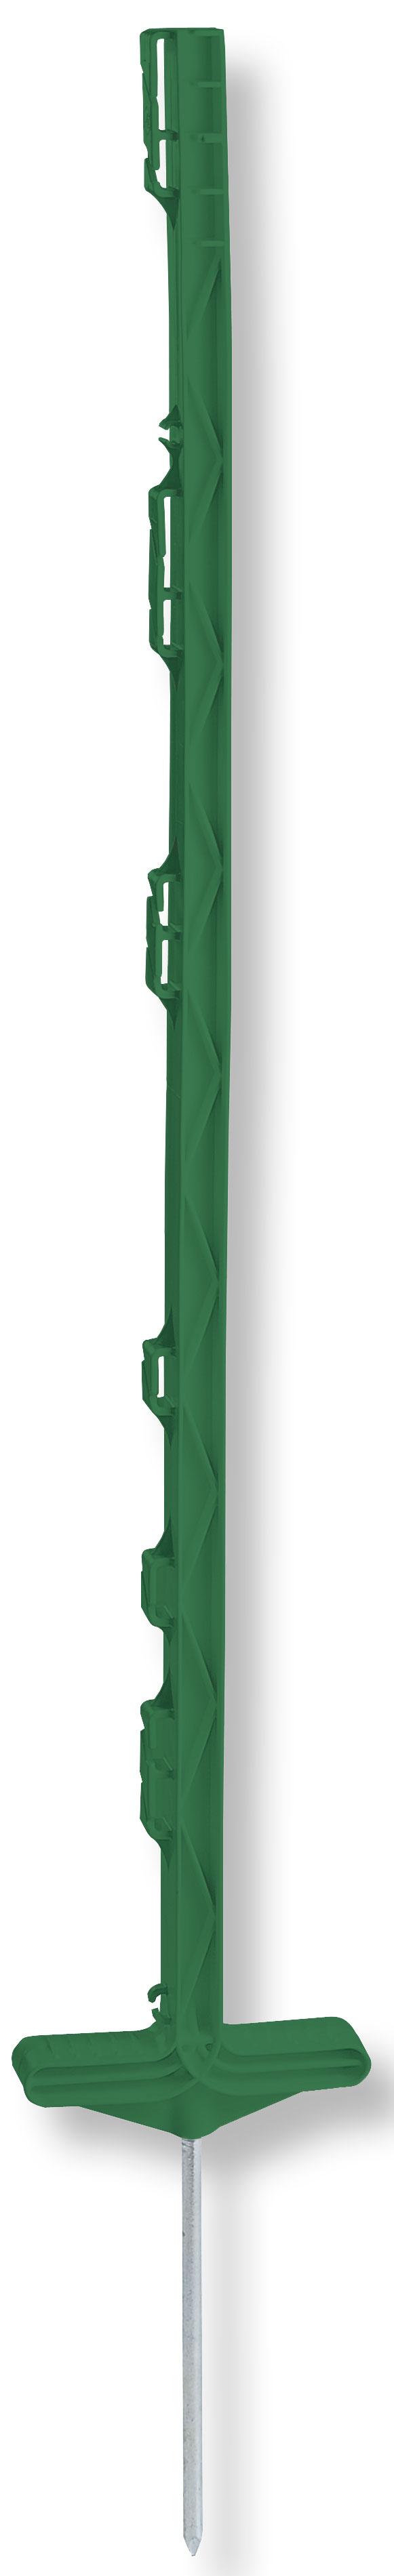 Weidezaunpfahl WZ 2100/140 D G (grün)